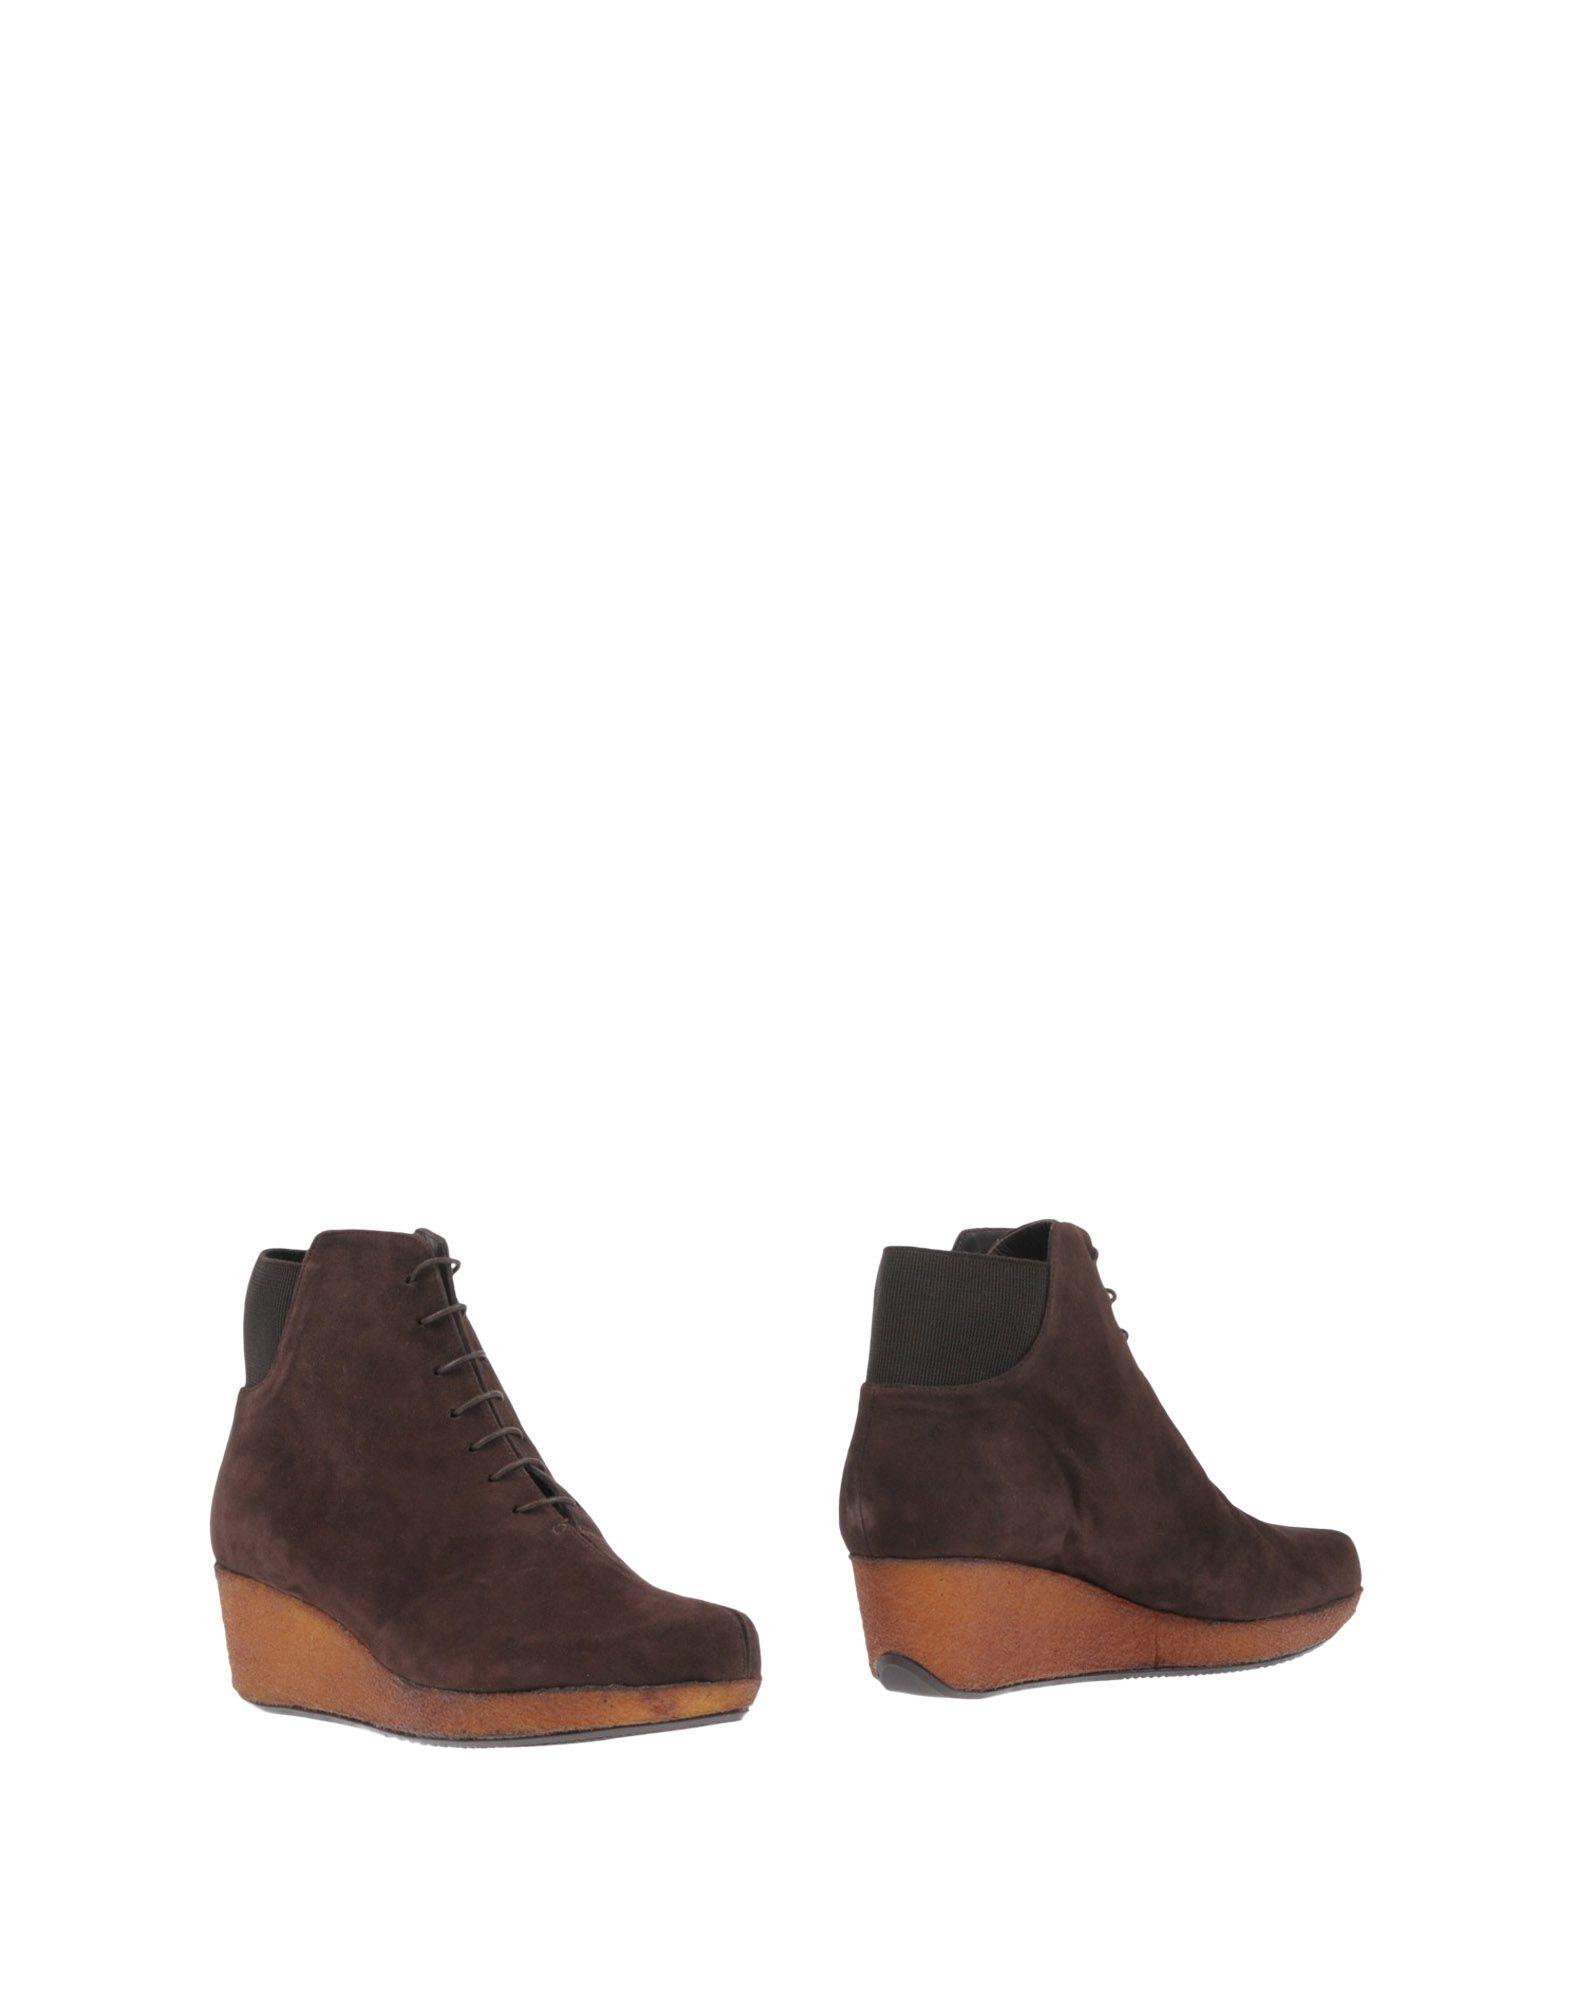 Audley Stiefelette Damen  11455044UB Gute Qualität beliebte Schuhe